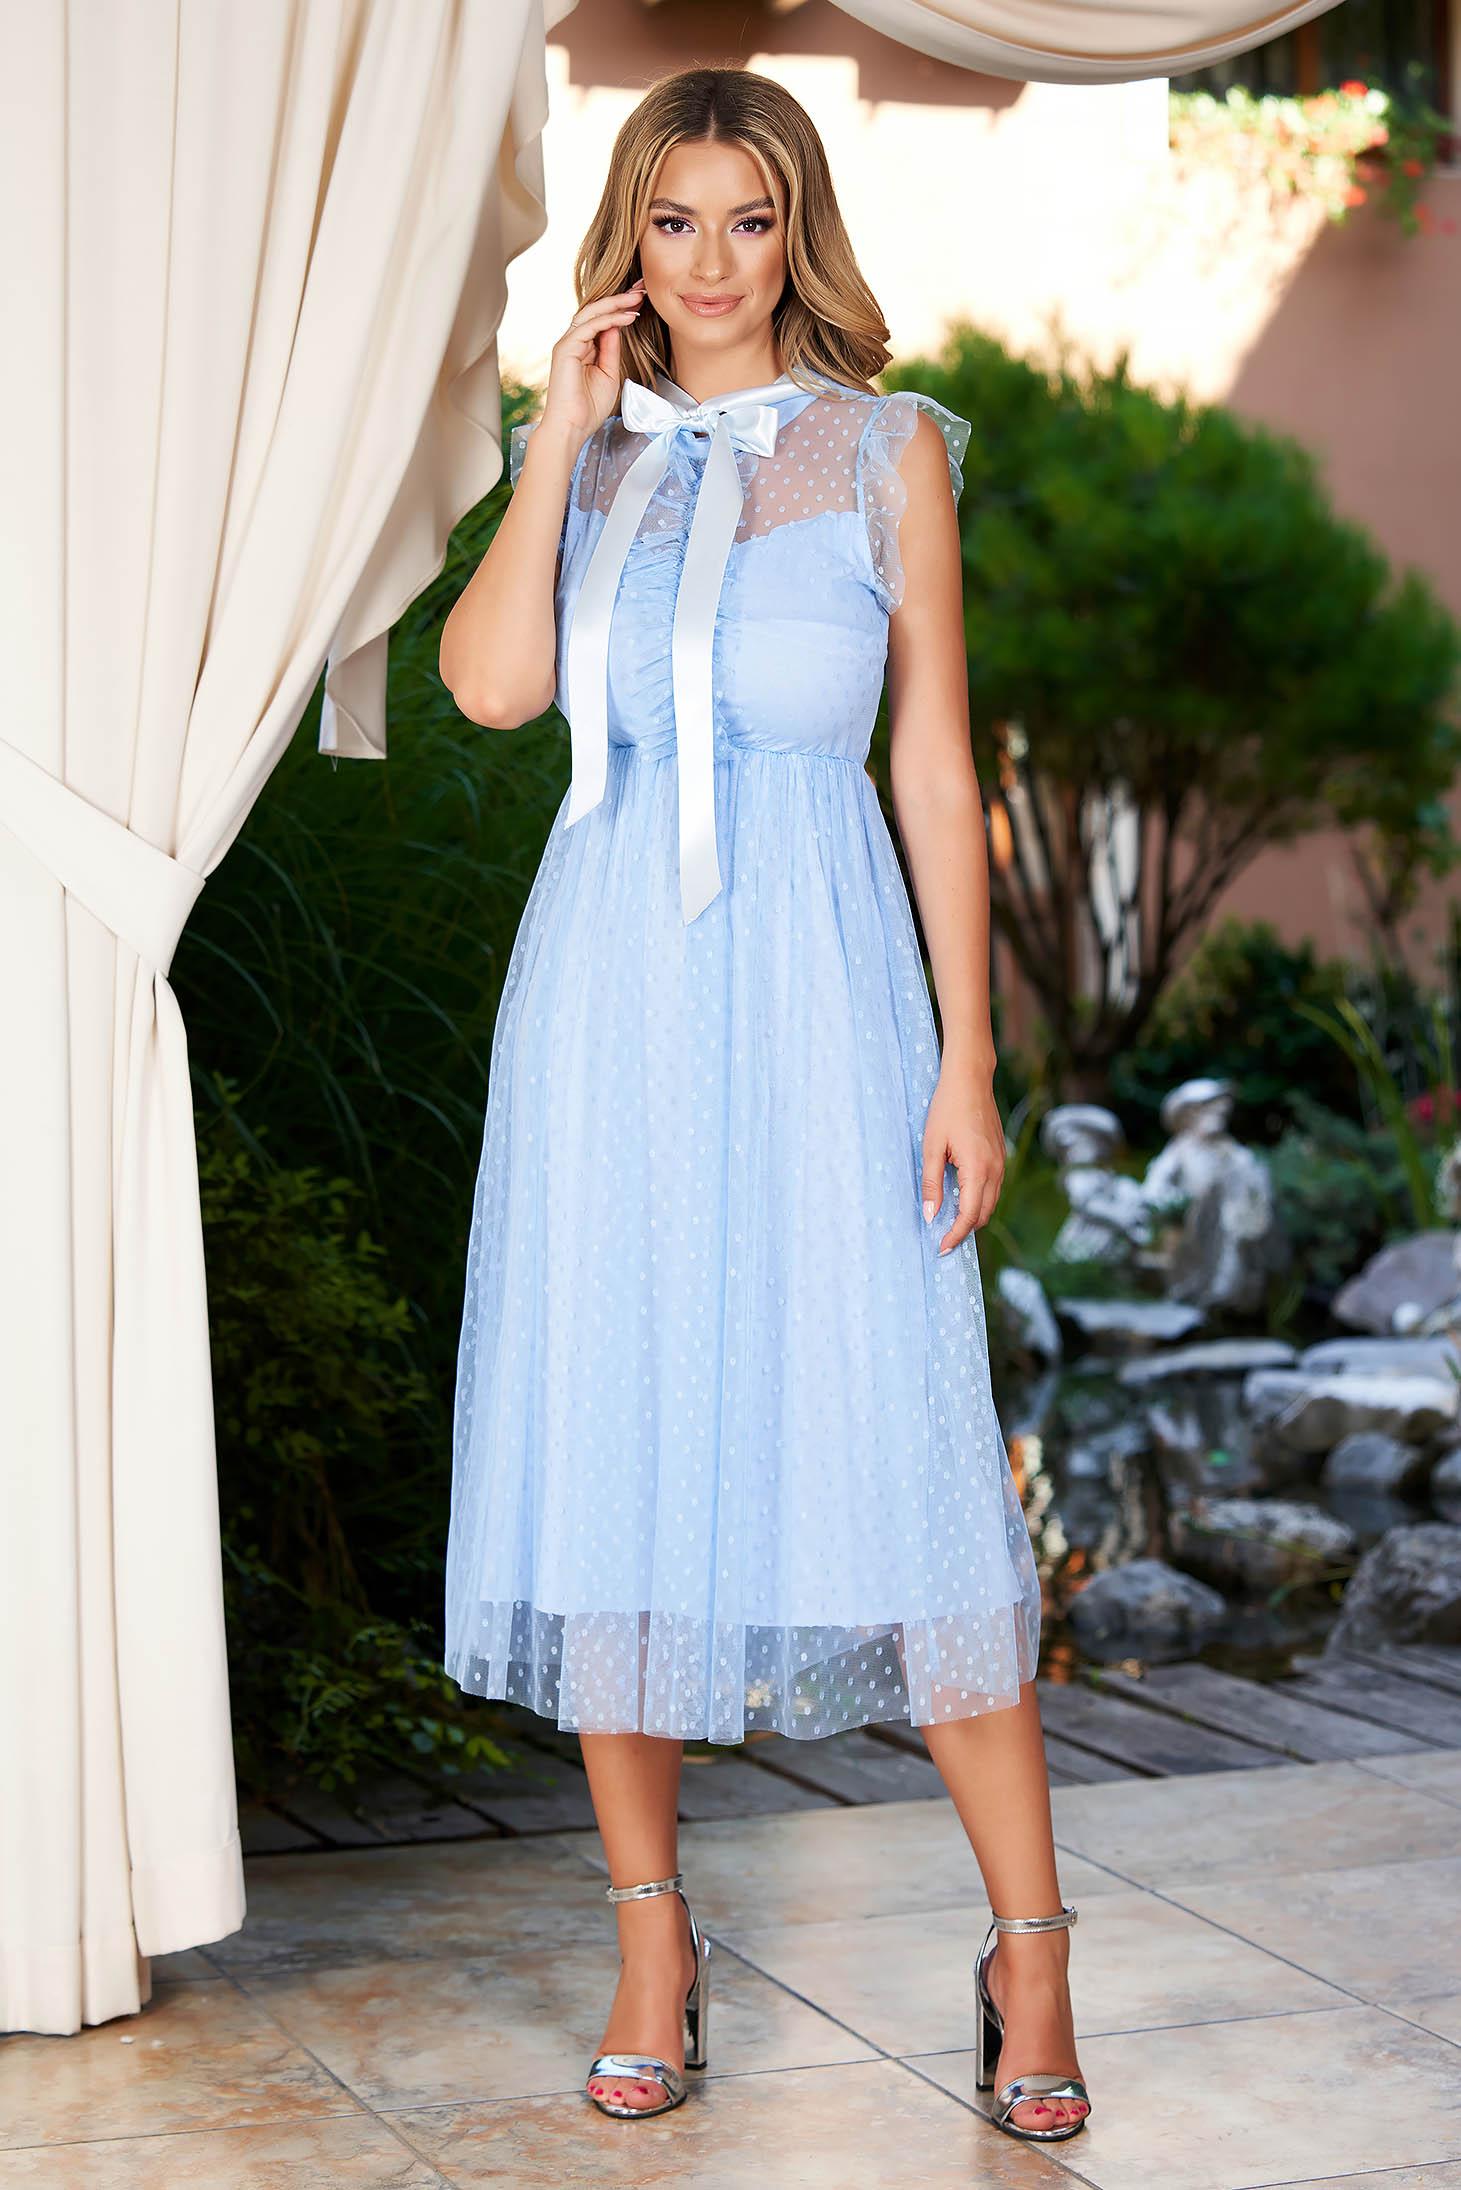 Rochie albastru-deschis midi de ocazie din tul in clos pe gat cu aplicatii din plumeti si cu volanase